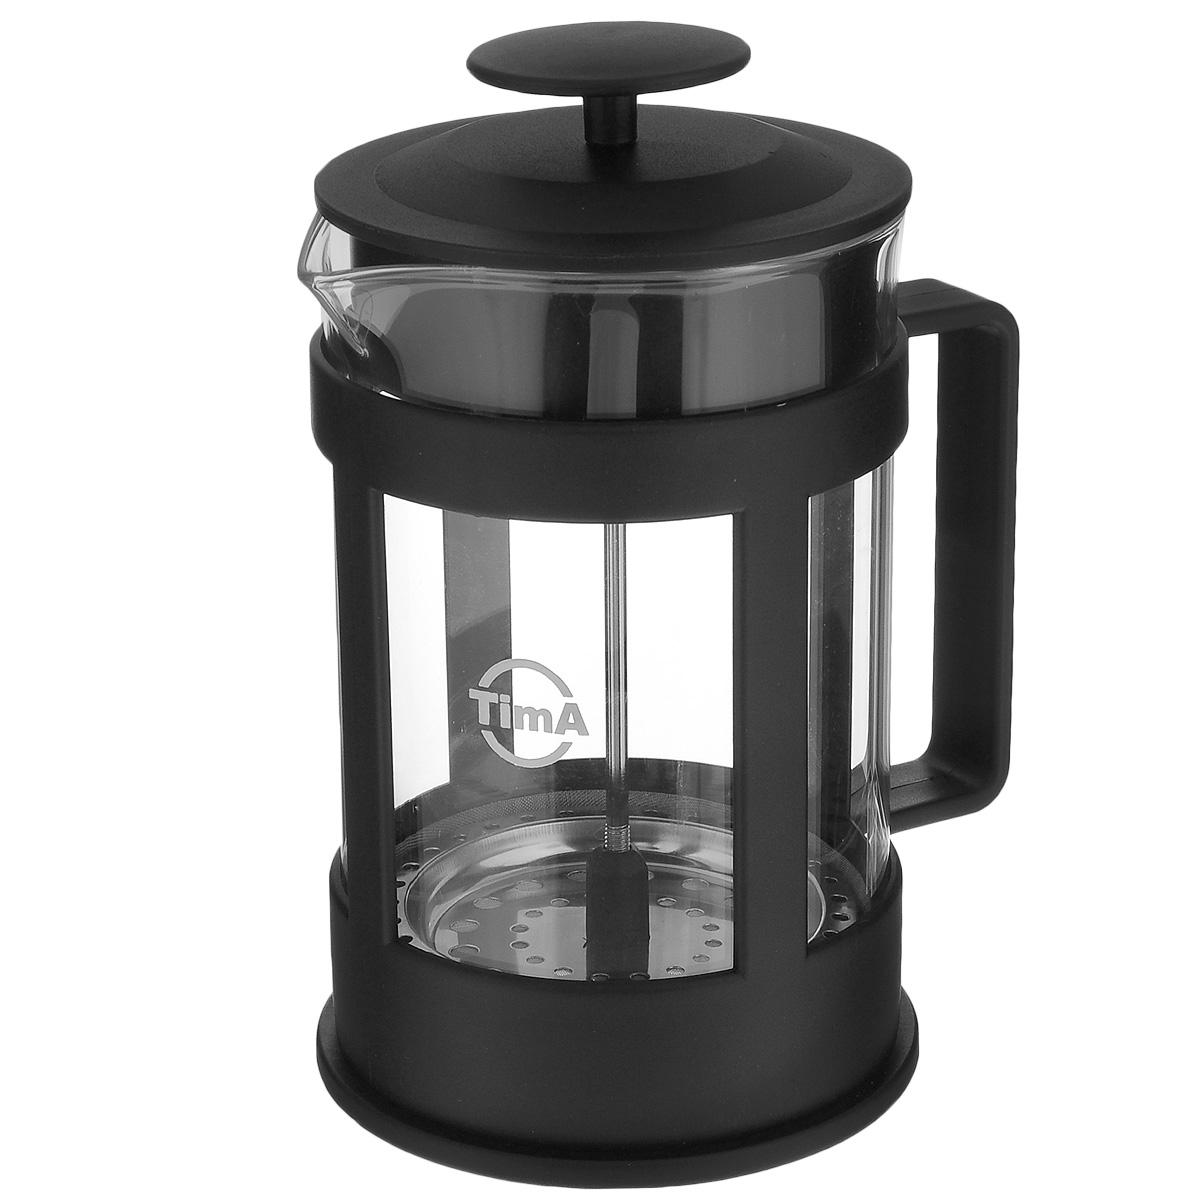 Френч-пресс TimA Марципан, 800 млFM-800Френч-пресс TimA Марципан, изготовленный из жаропрочного стекла и высококачественного пластика, это совершенный чайник для ежедневного использования. Изделие с плотной крышкой и удобной ручкой имеет специальный поршень с фильтром из нержавеющей стали для отделения чайных листьев от воды. После заваривания чая фильтр не надо вынимать.Заваривание чая - это приятное и легкое занятие. Френч-пресс TimA Марципан займет достойное место на вашей кухне. Нельзя мыть в посудомоечной машине.Объем: 800 мл.Диаметр (по верхнему краю): 9,5 см.Высота (без учета крышки): 16 см.